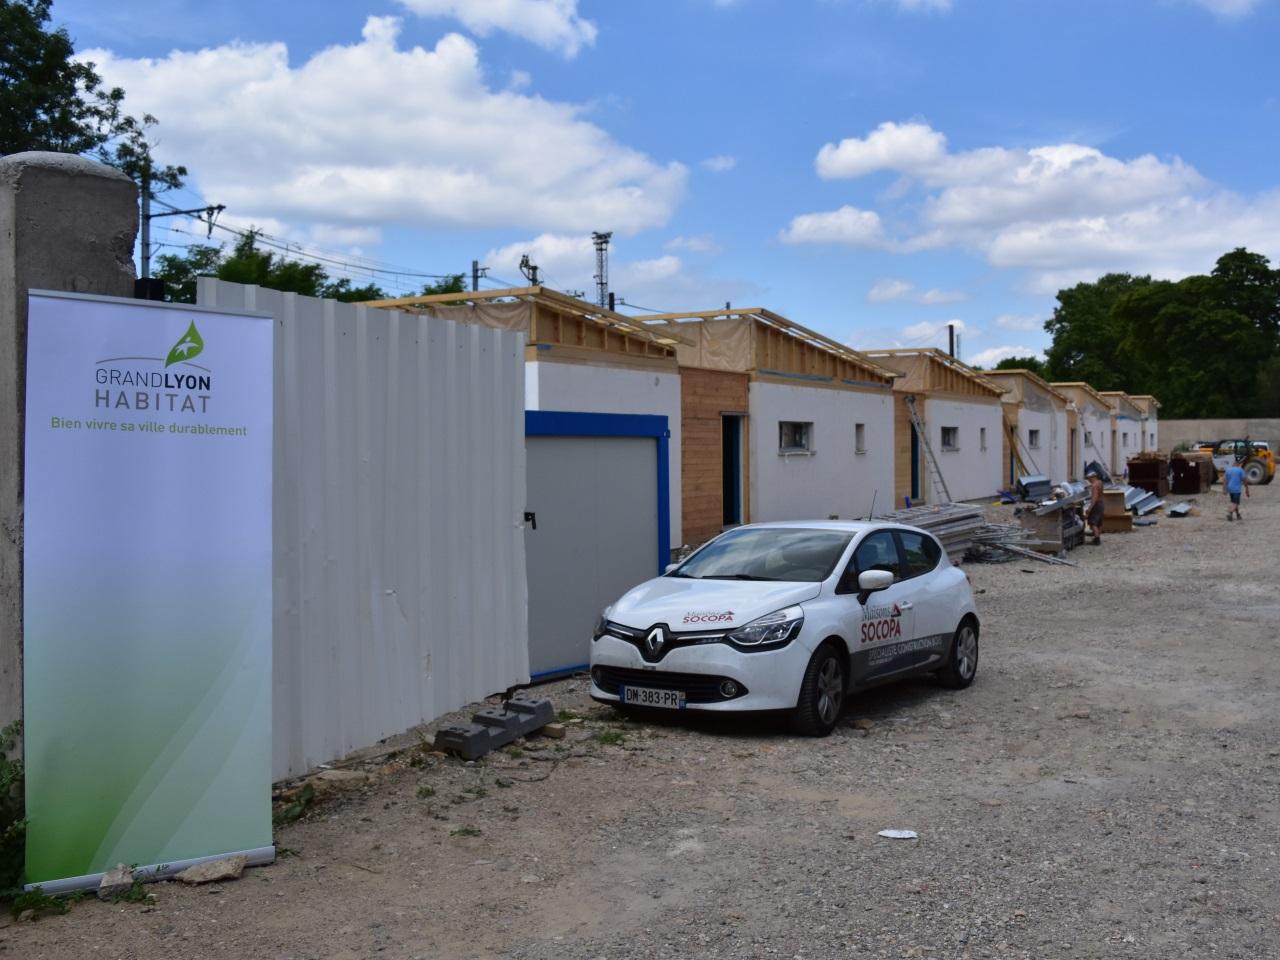 Grand lyon habitat construit des habitations pour les gens for Jardin couvert lyon